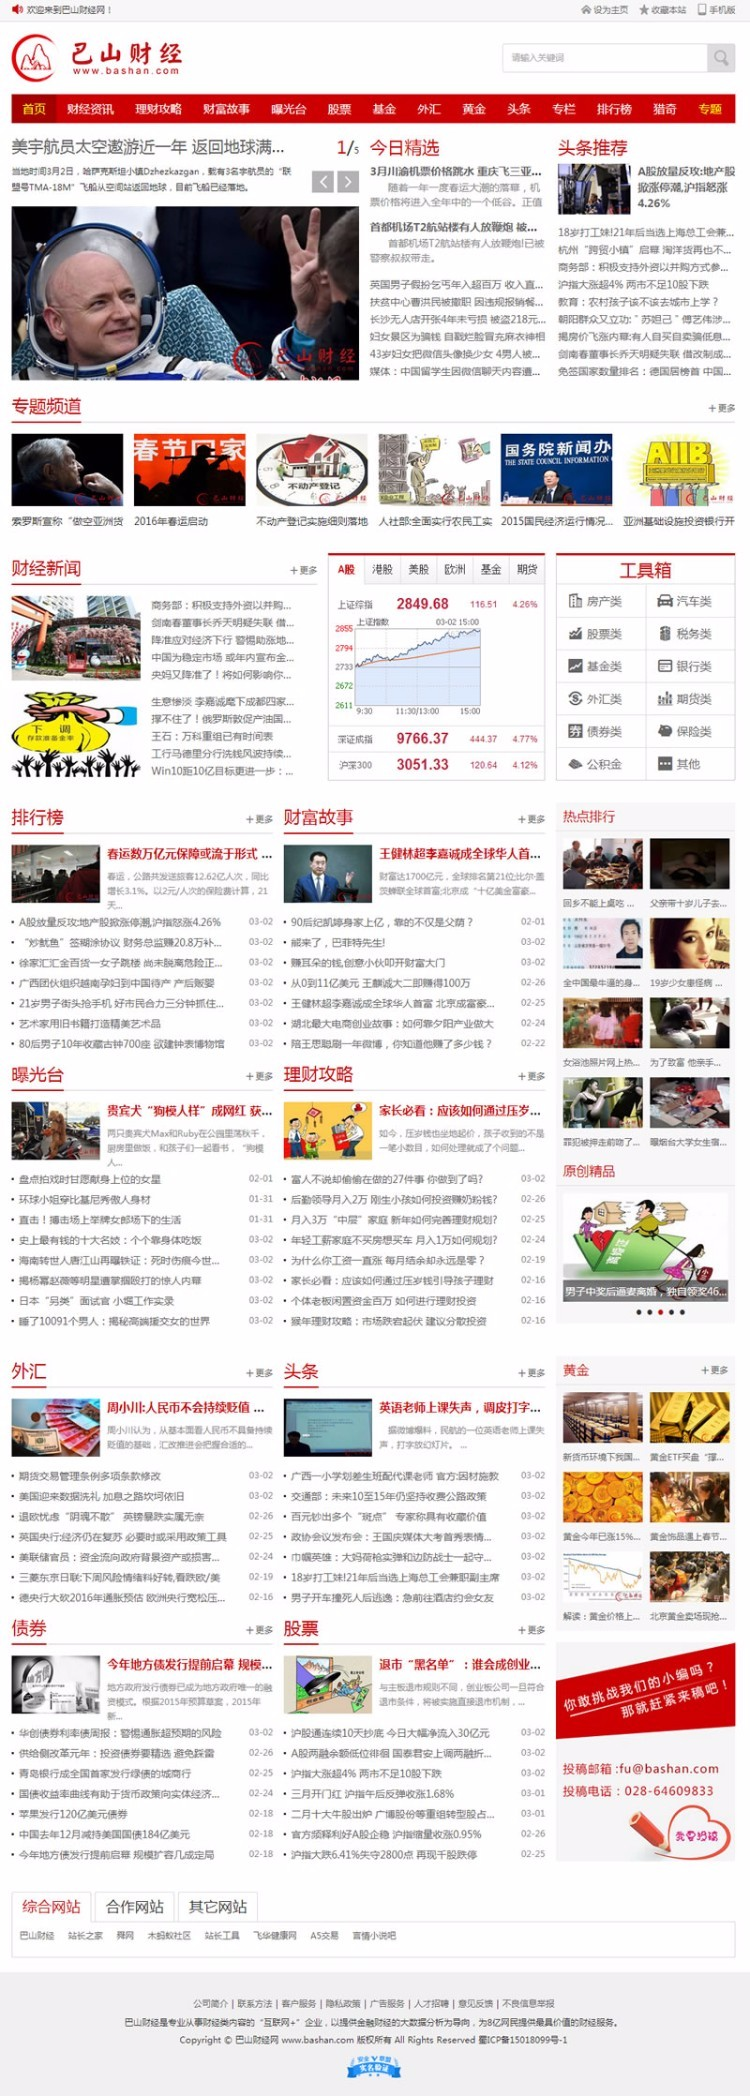 92KAIFA仿《巴山财经》网站源码带数据+火车头采集+手机版帝国CMS7.2